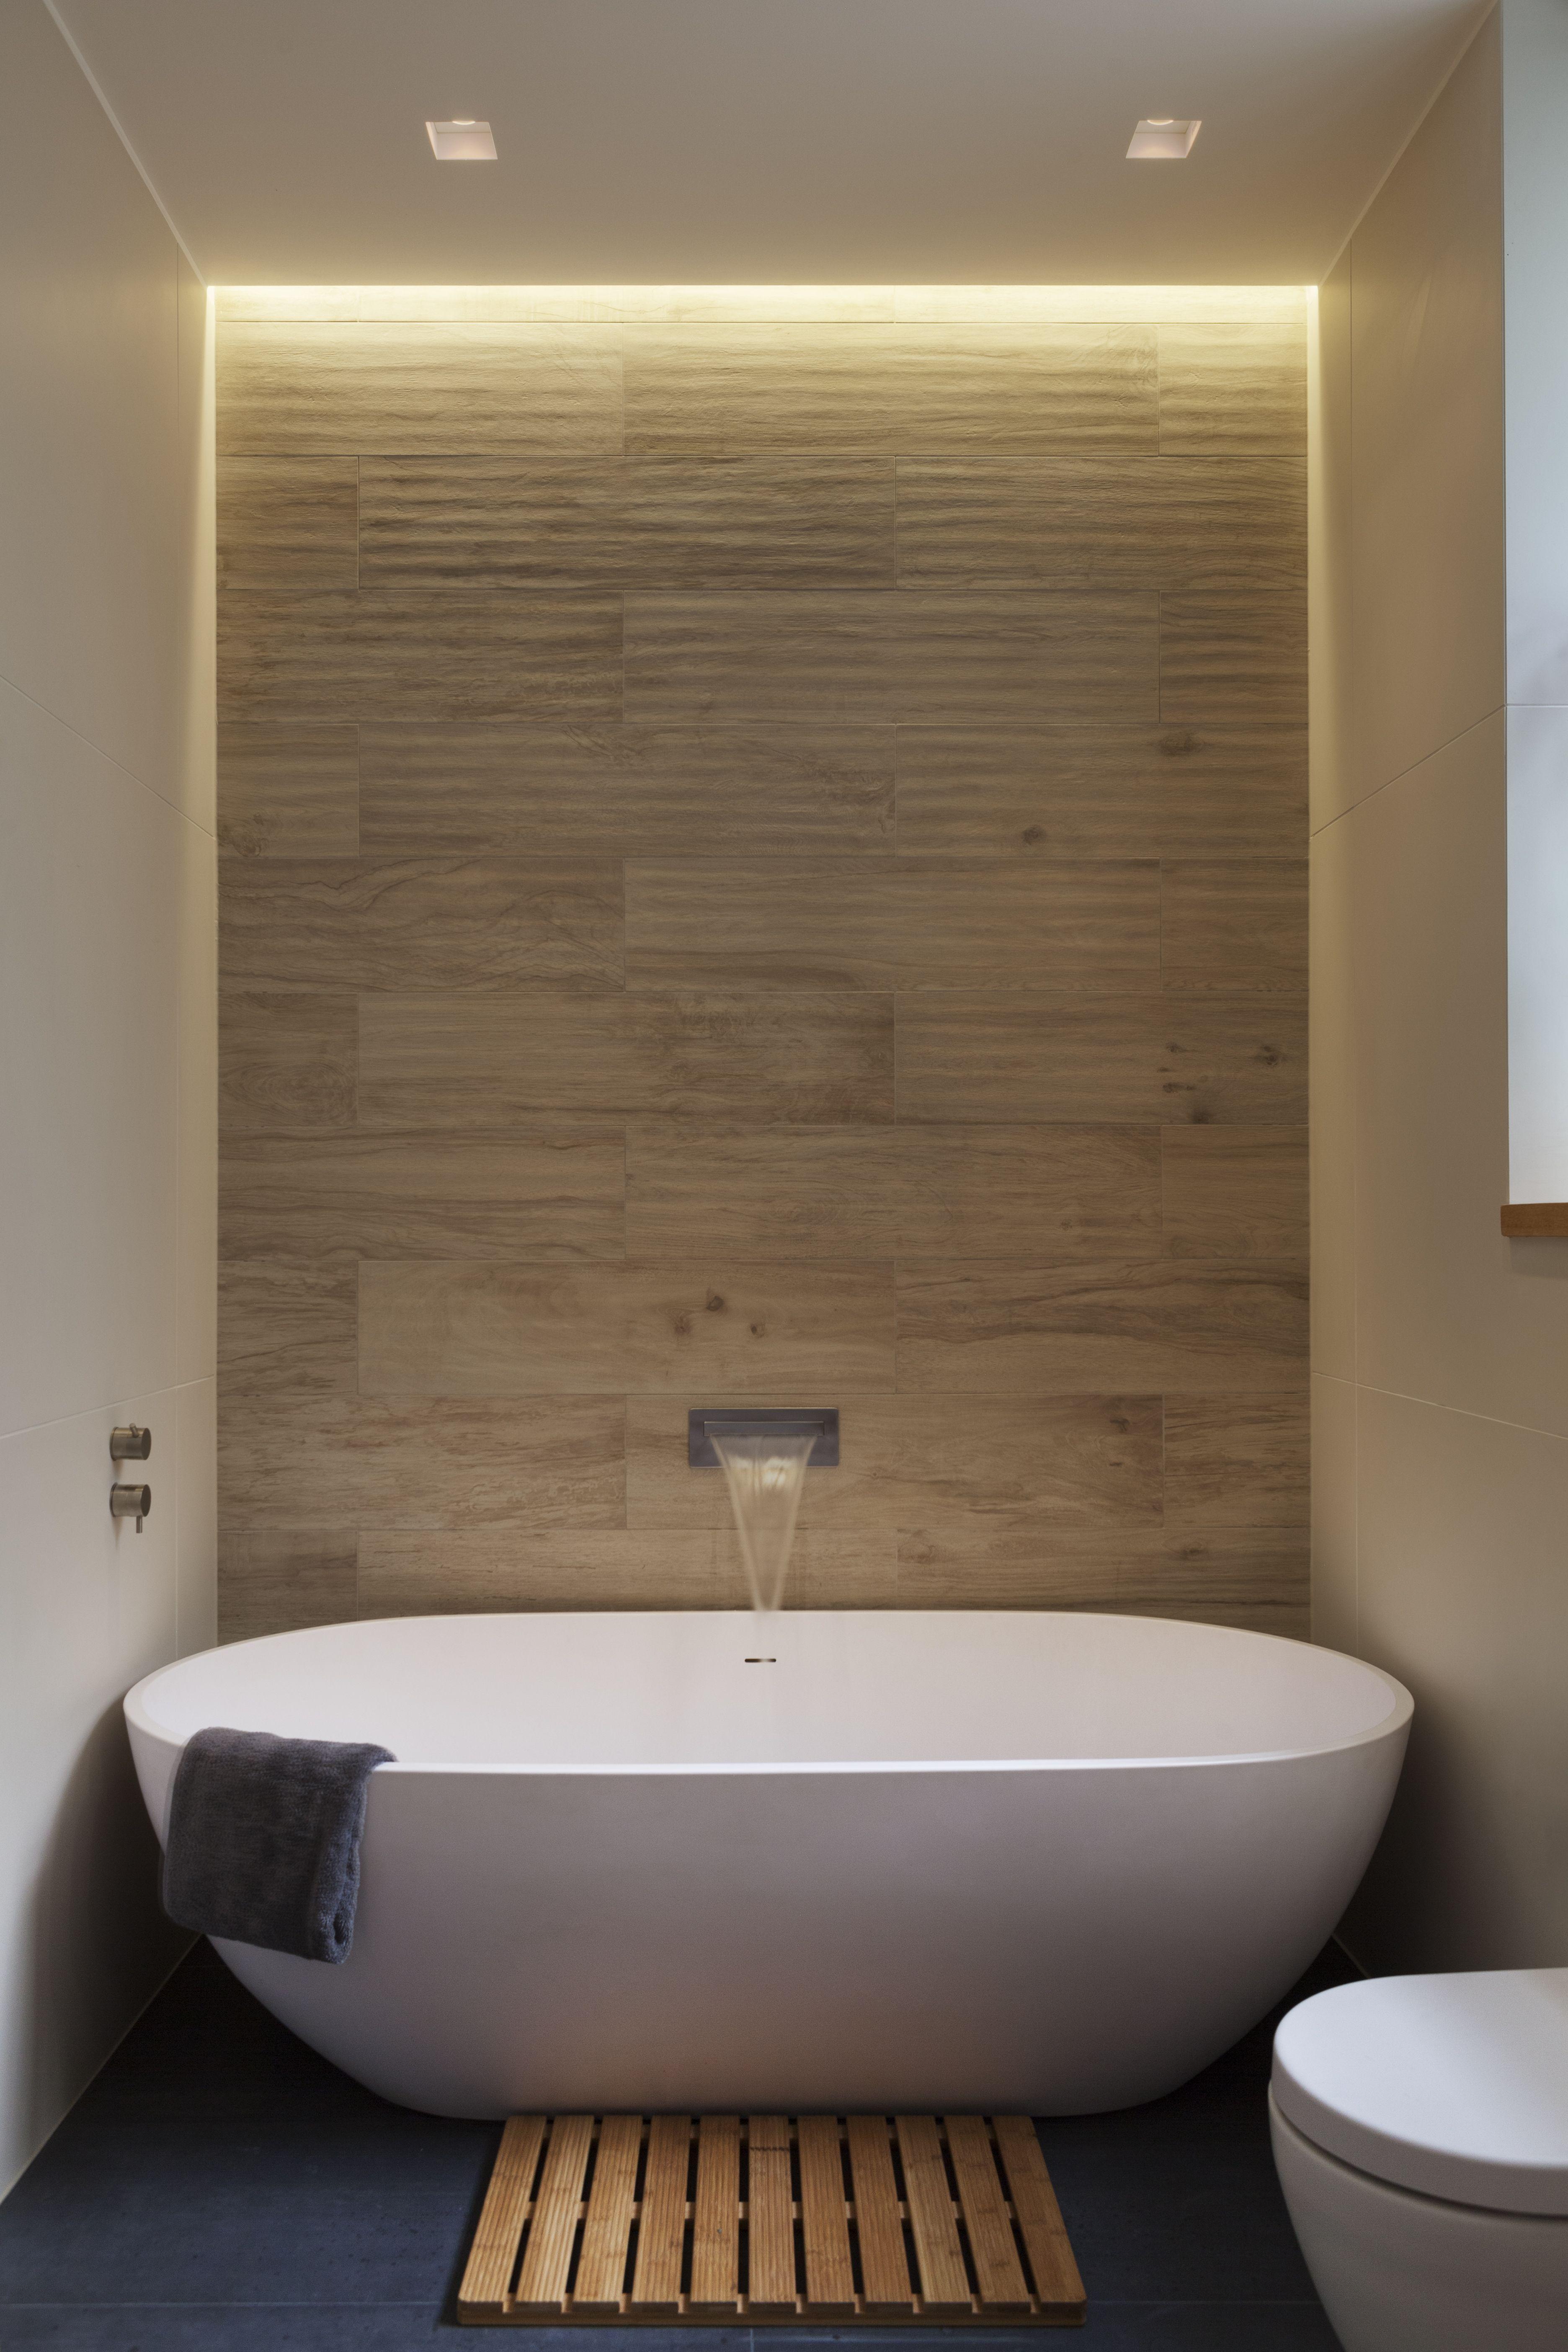 Create A Luxurious Bathrooms Luxuriousbathrooms Luxury Bathroom Ideas Luxury Bathroom Bathroom I Bathroom Design Inspiration Luxury Bathroom Modern Bathroom